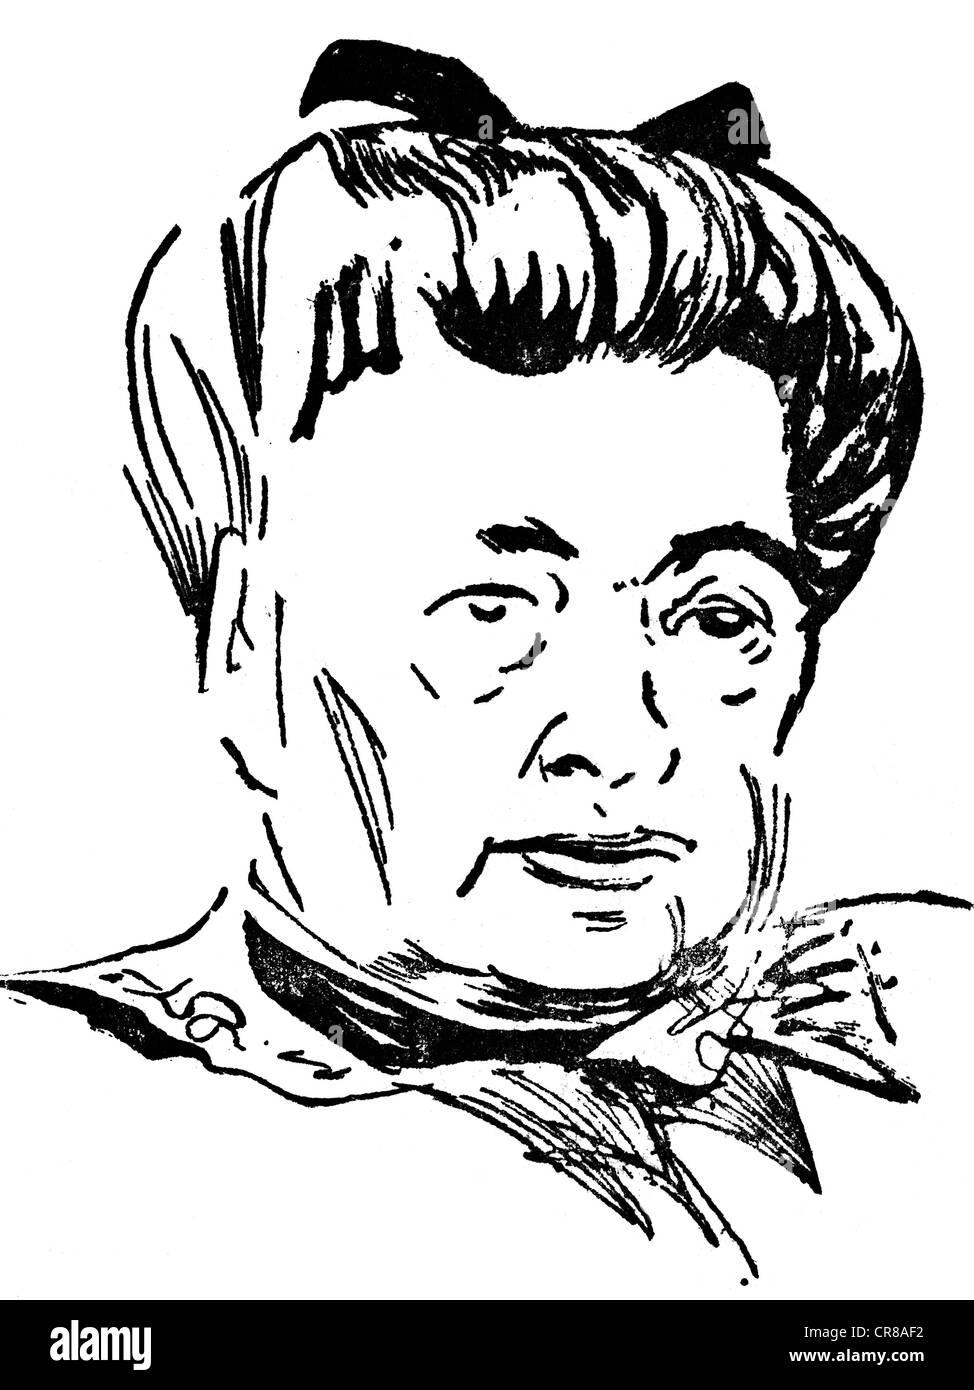 Suttner, Bertha von, 9.6.1843 - 21.6.1914, austriaco pacifista e scrittrice, ritratto, disegno di Conny, 1948, Additional Immagini Stock